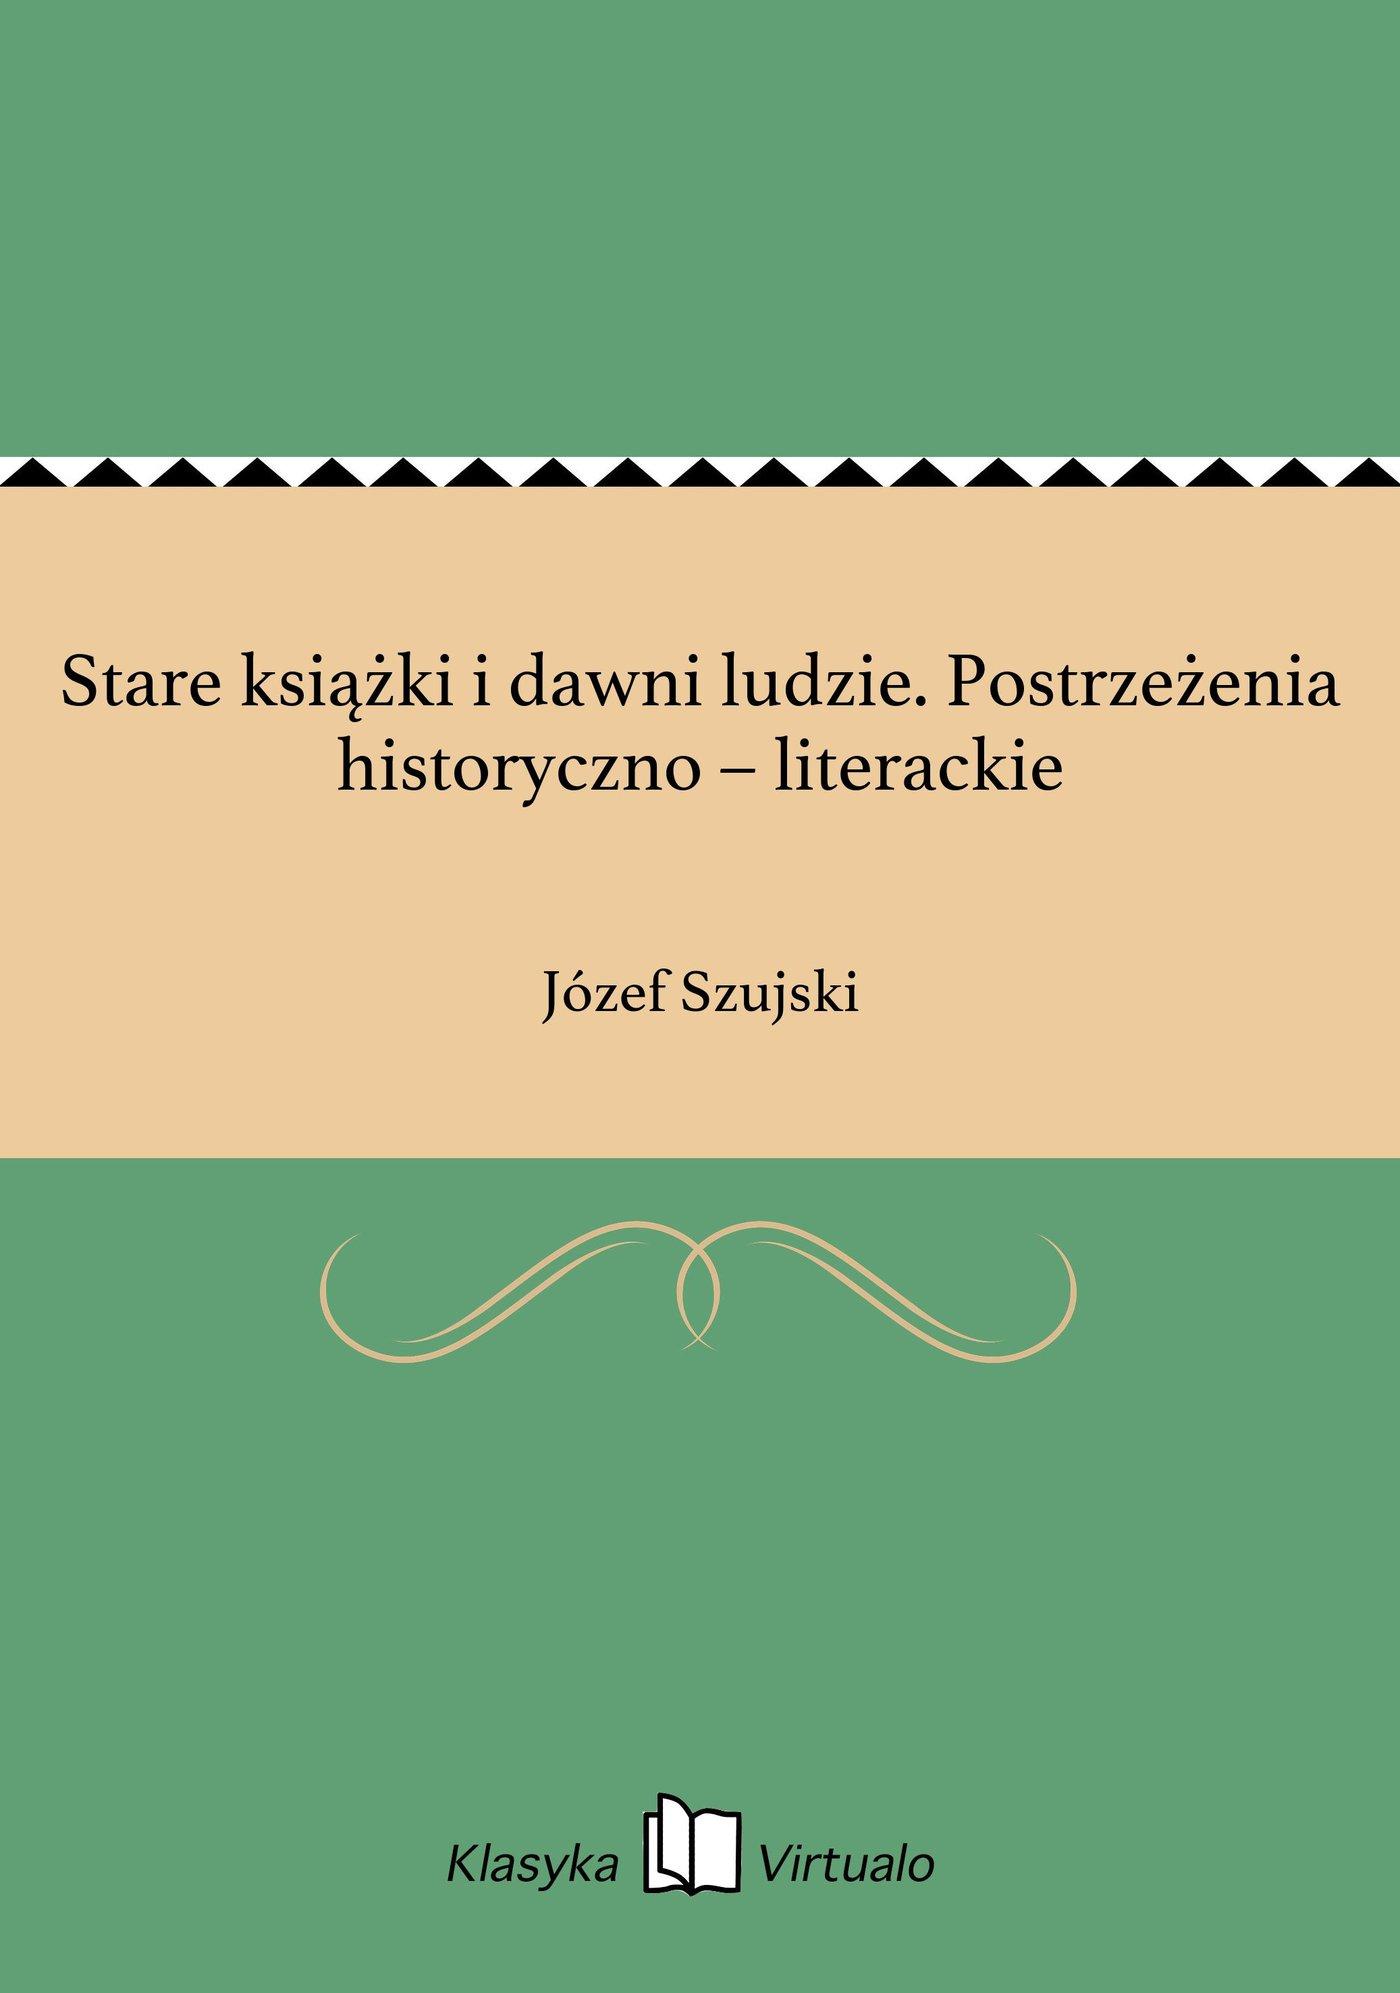 Stare książki i dawni ludzie. Postrzeżenia historyczno – literackie - Ebook (Książka EPUB) do pobrania w formacie EPUB